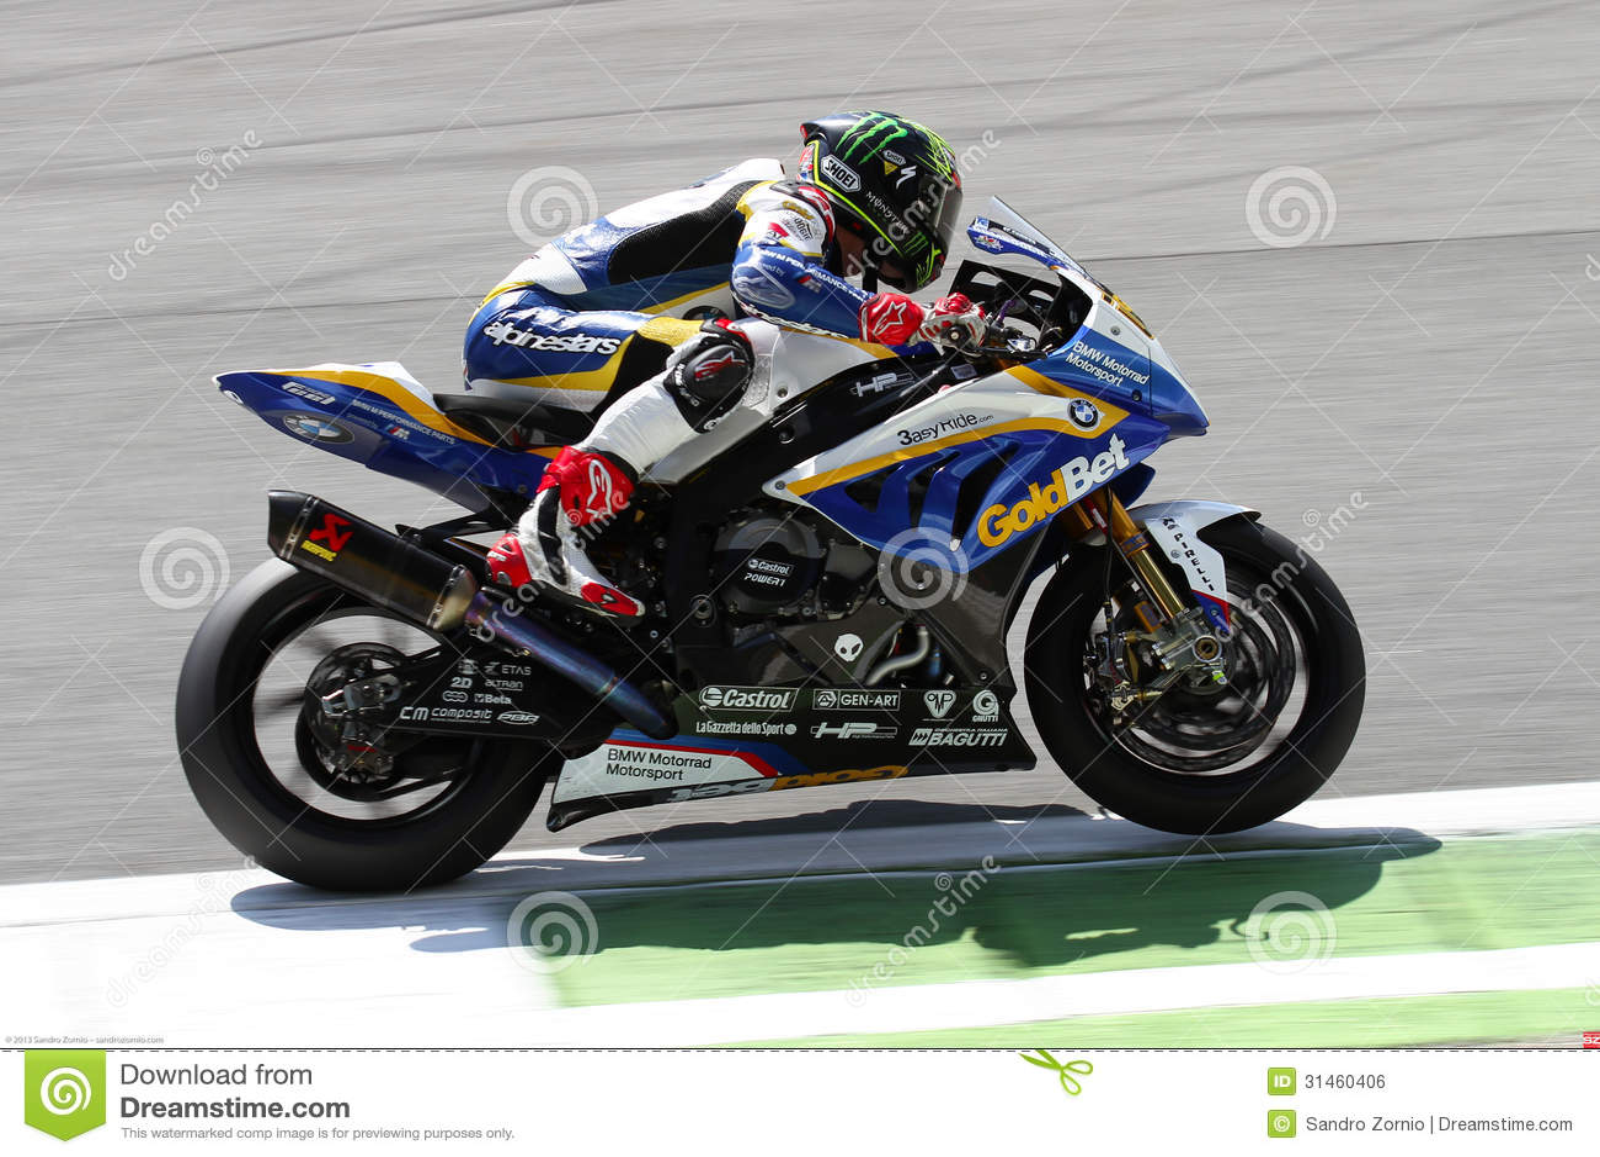 Chaz Davies #19 On BMW S1000 RR With BMW Motorrad GoldBet ...